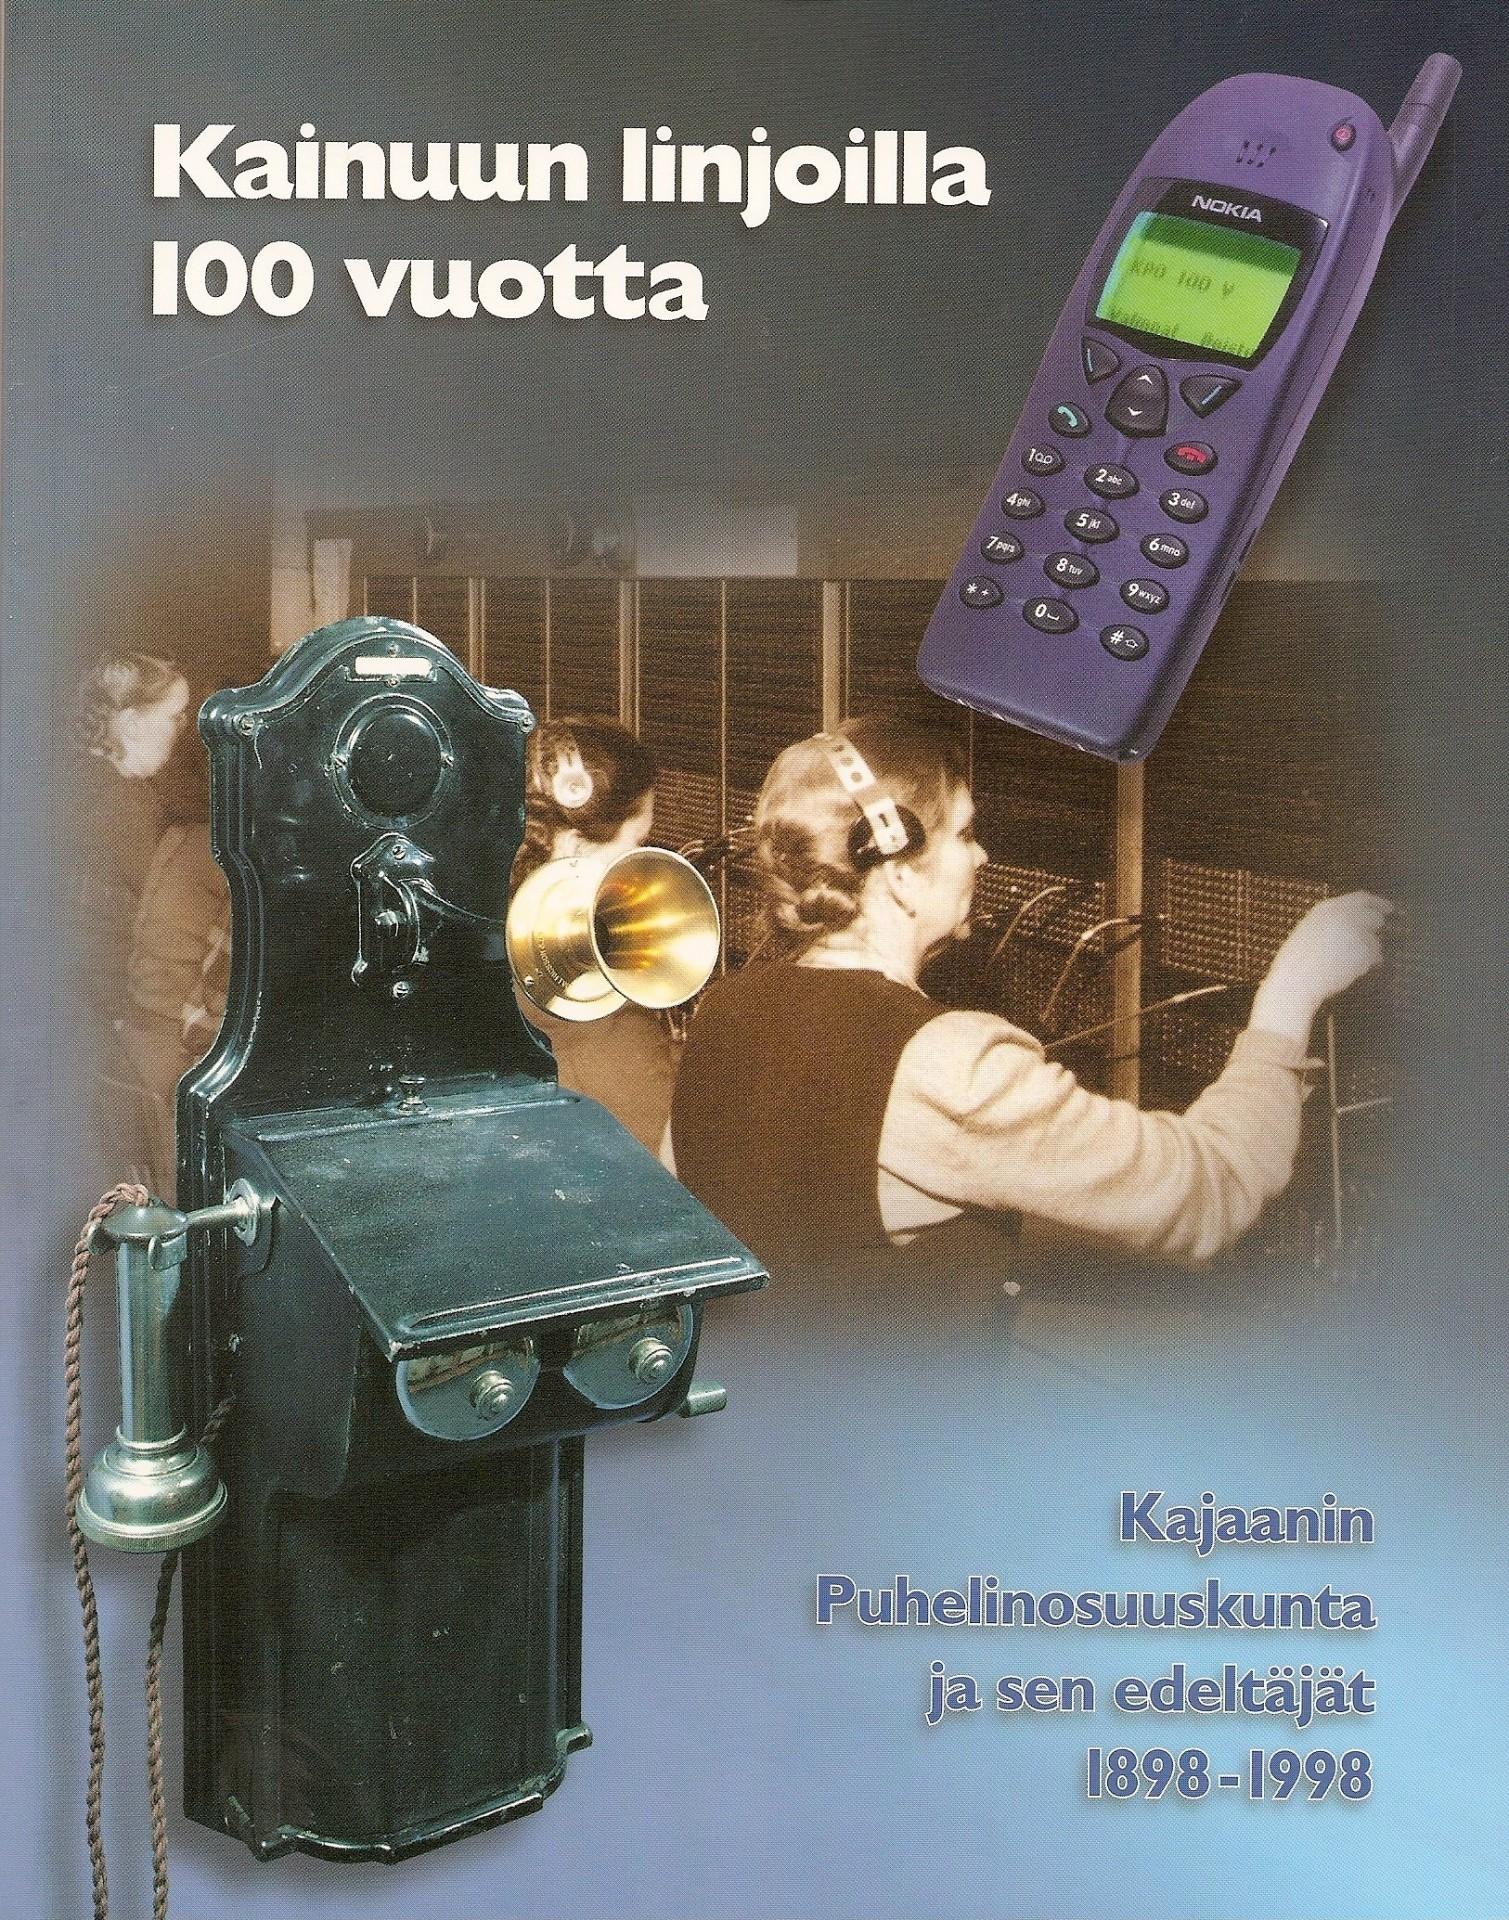 Kainuun linjoilla 100 vuotta 1998